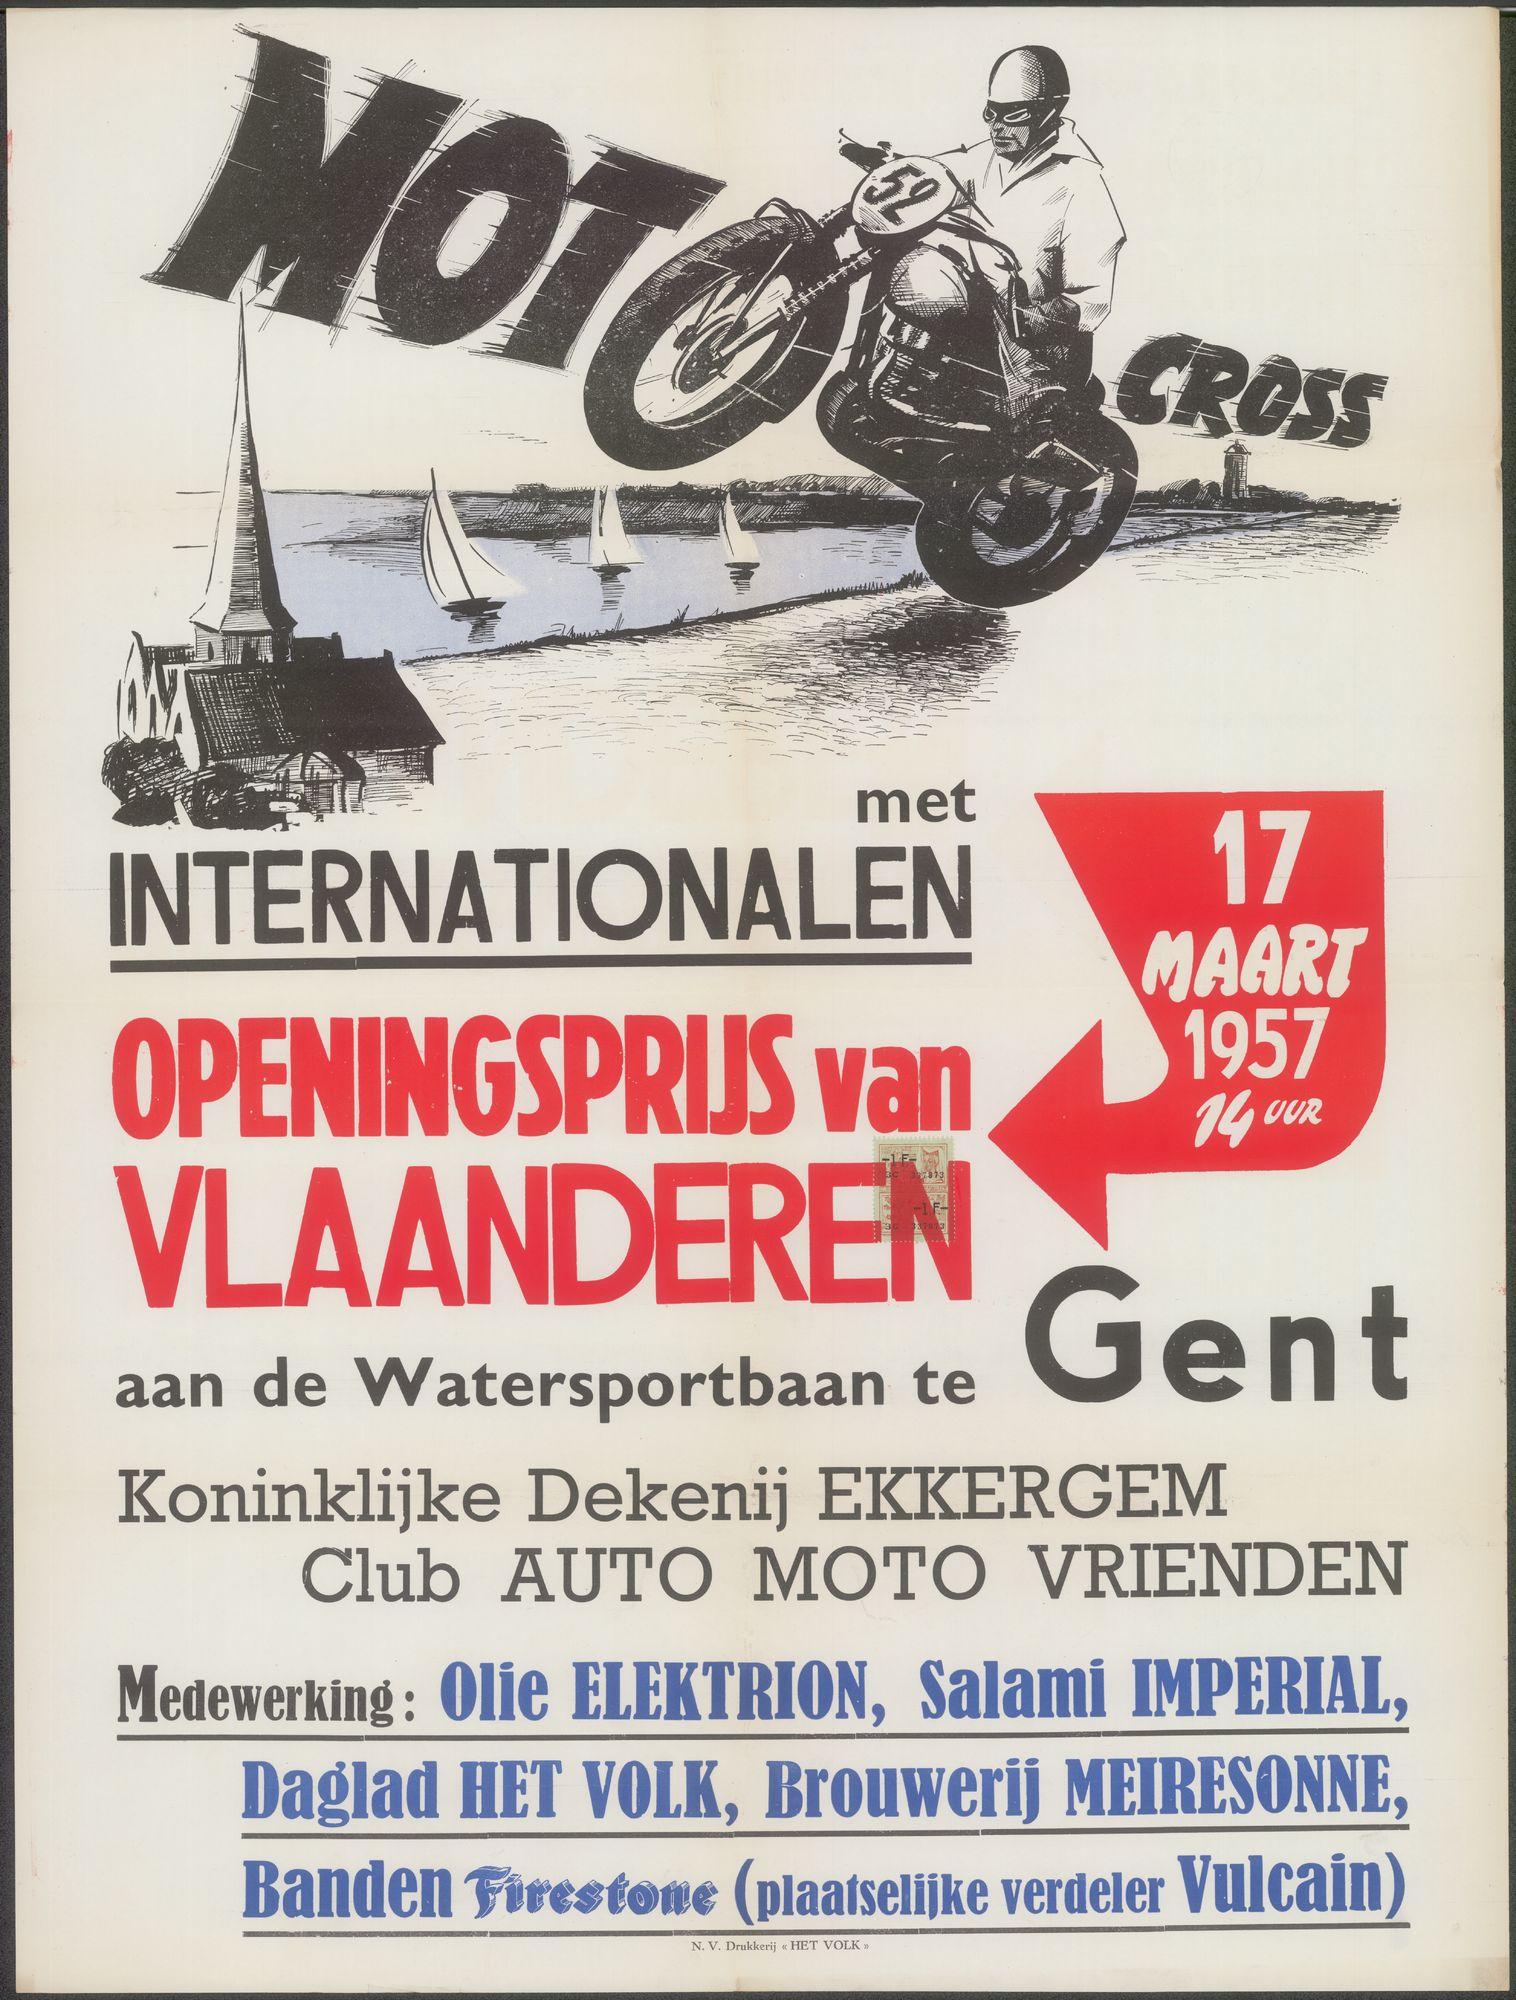 Motocross met Internationalen, Openingsprijs van Vlaanderen, aan de Watersportbaan te Gent, 17 maart 1957